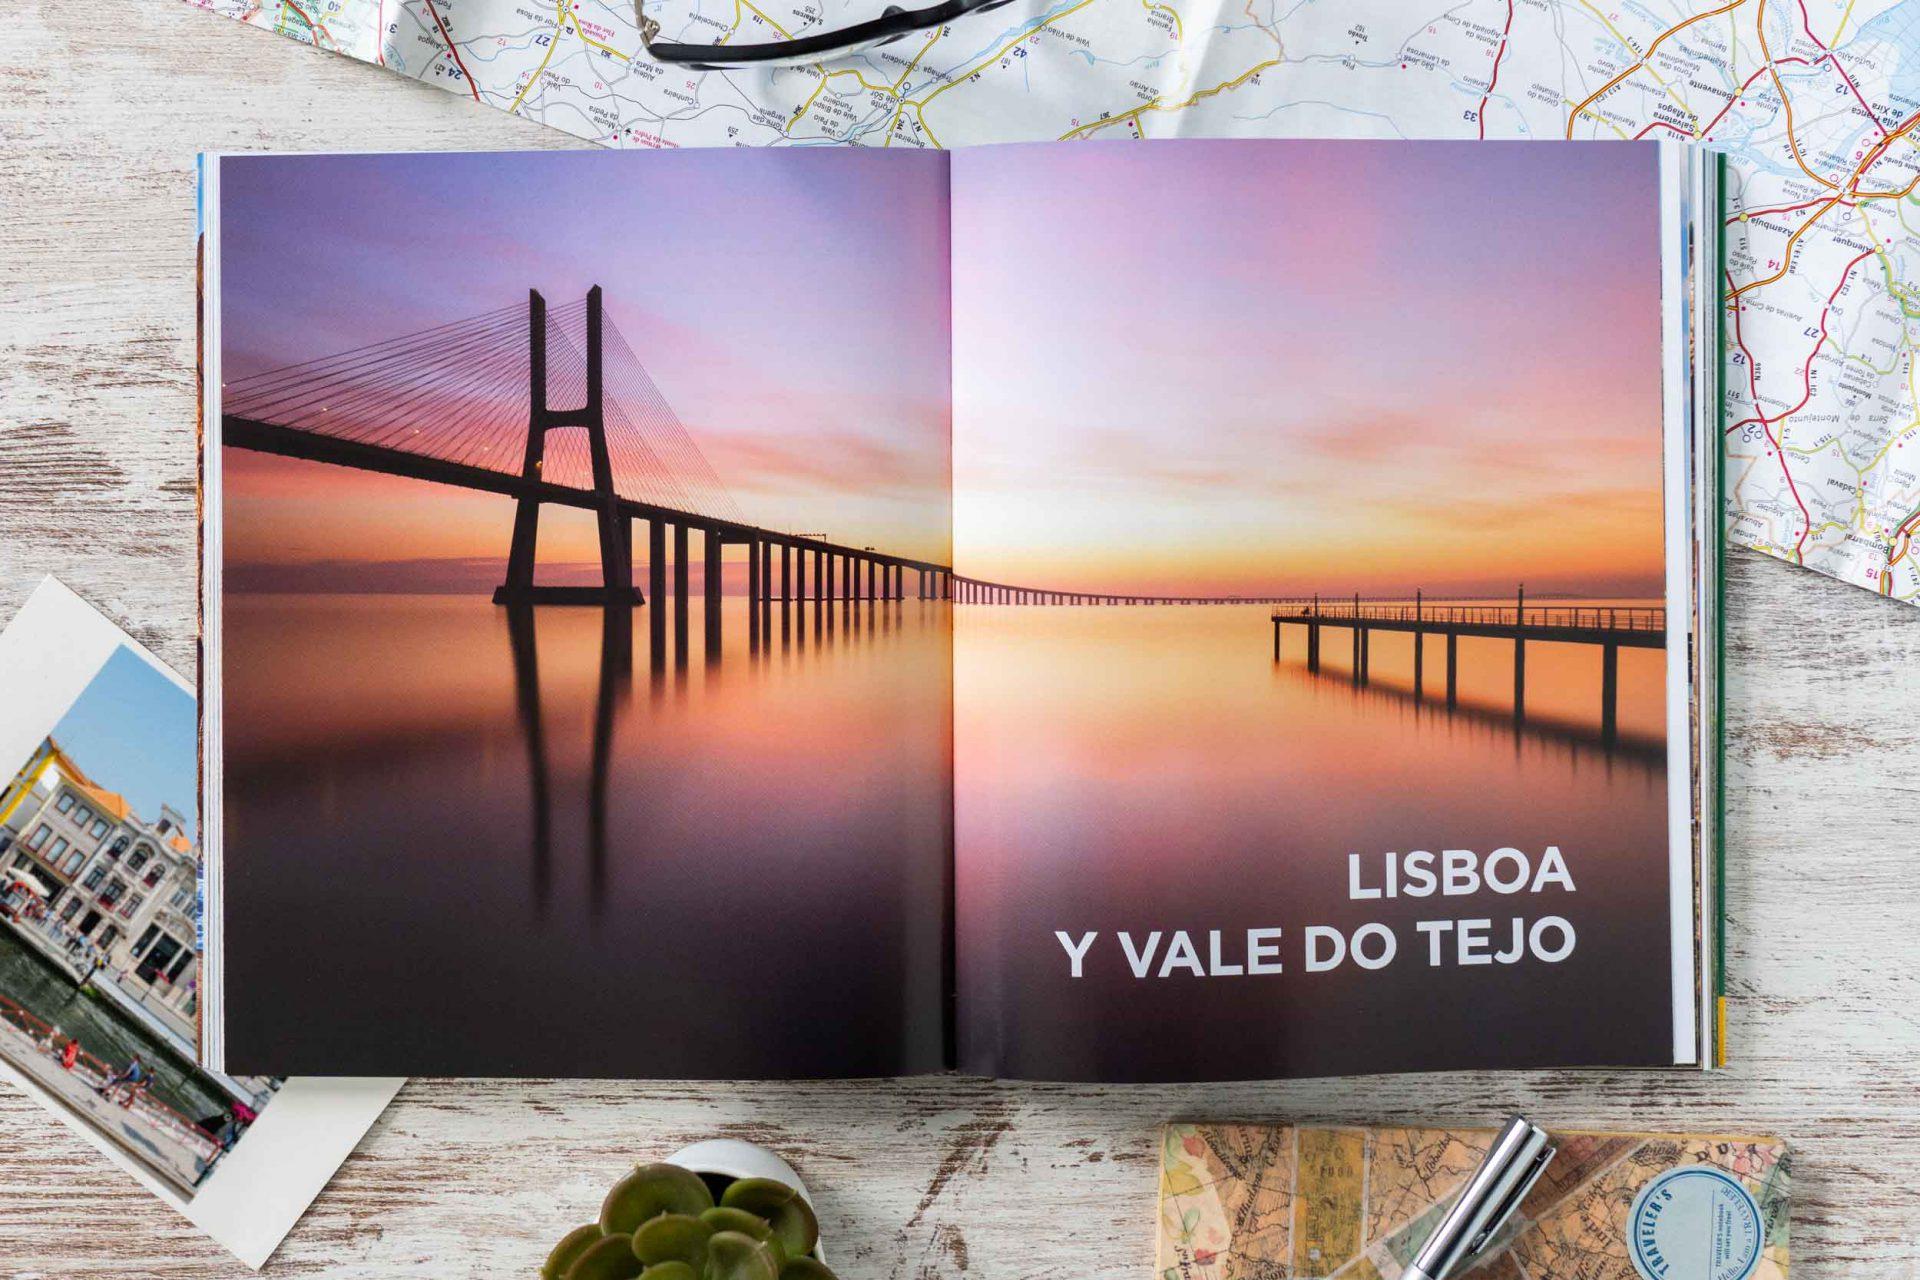 101 Lugares de Portugal sorprendentes